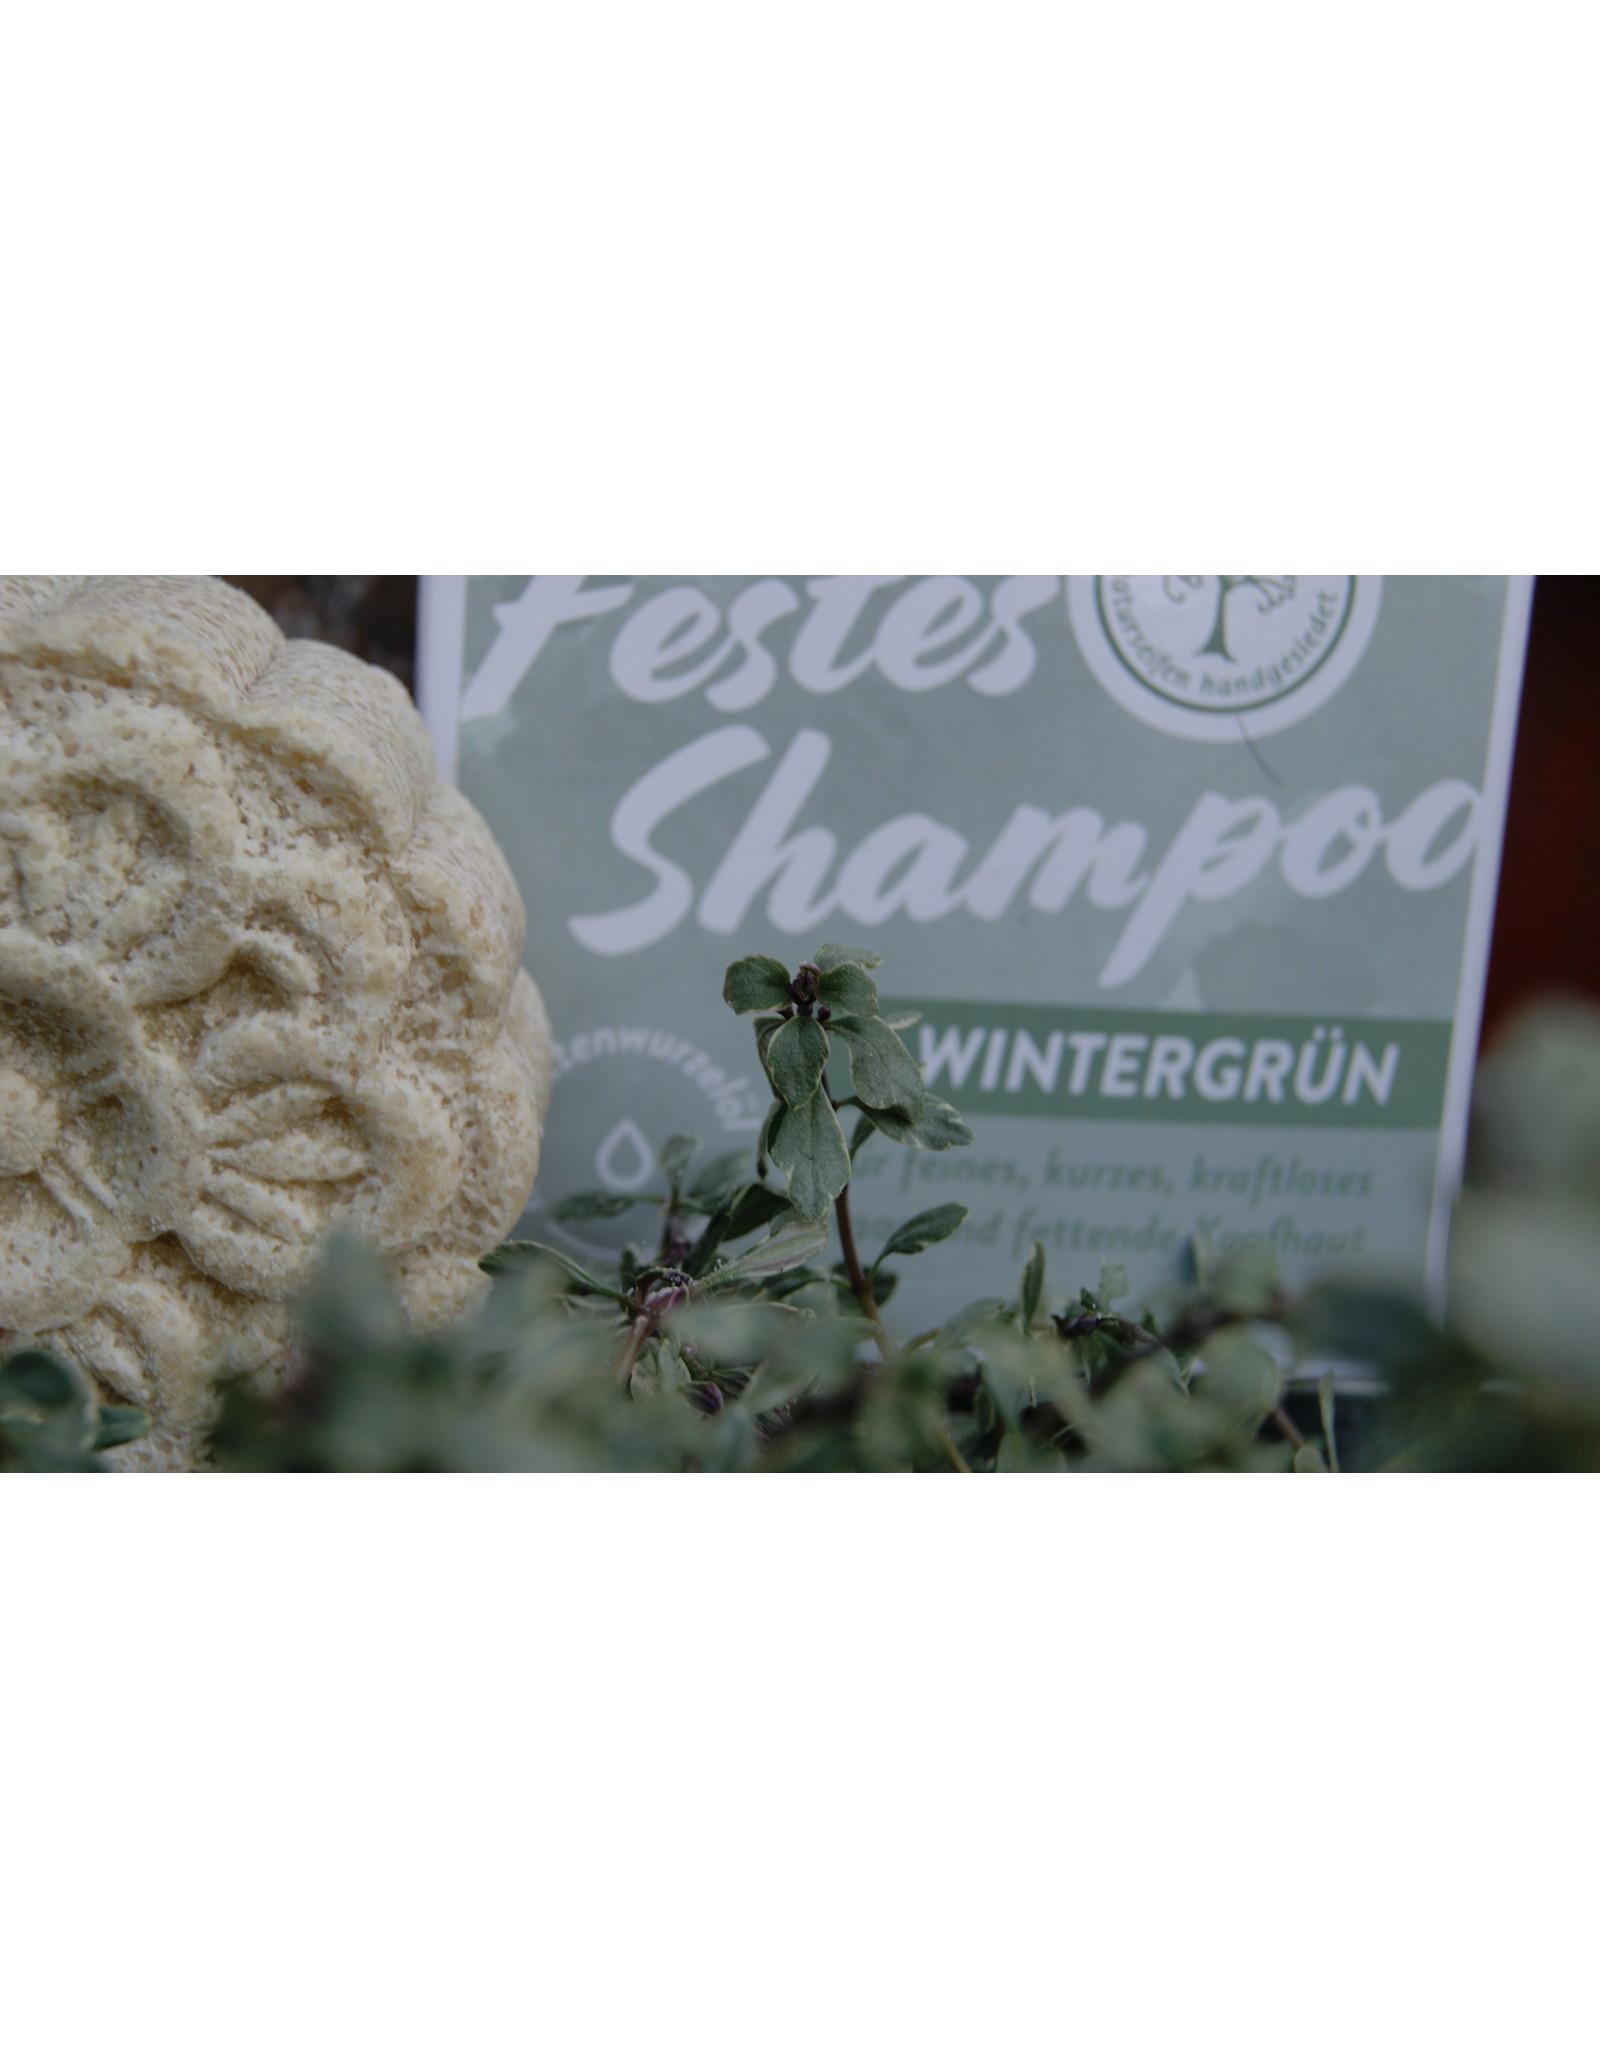 Festes Shampoo Wintergrün, für dünnes, feines Haar, bei fettiger Kopfhaut